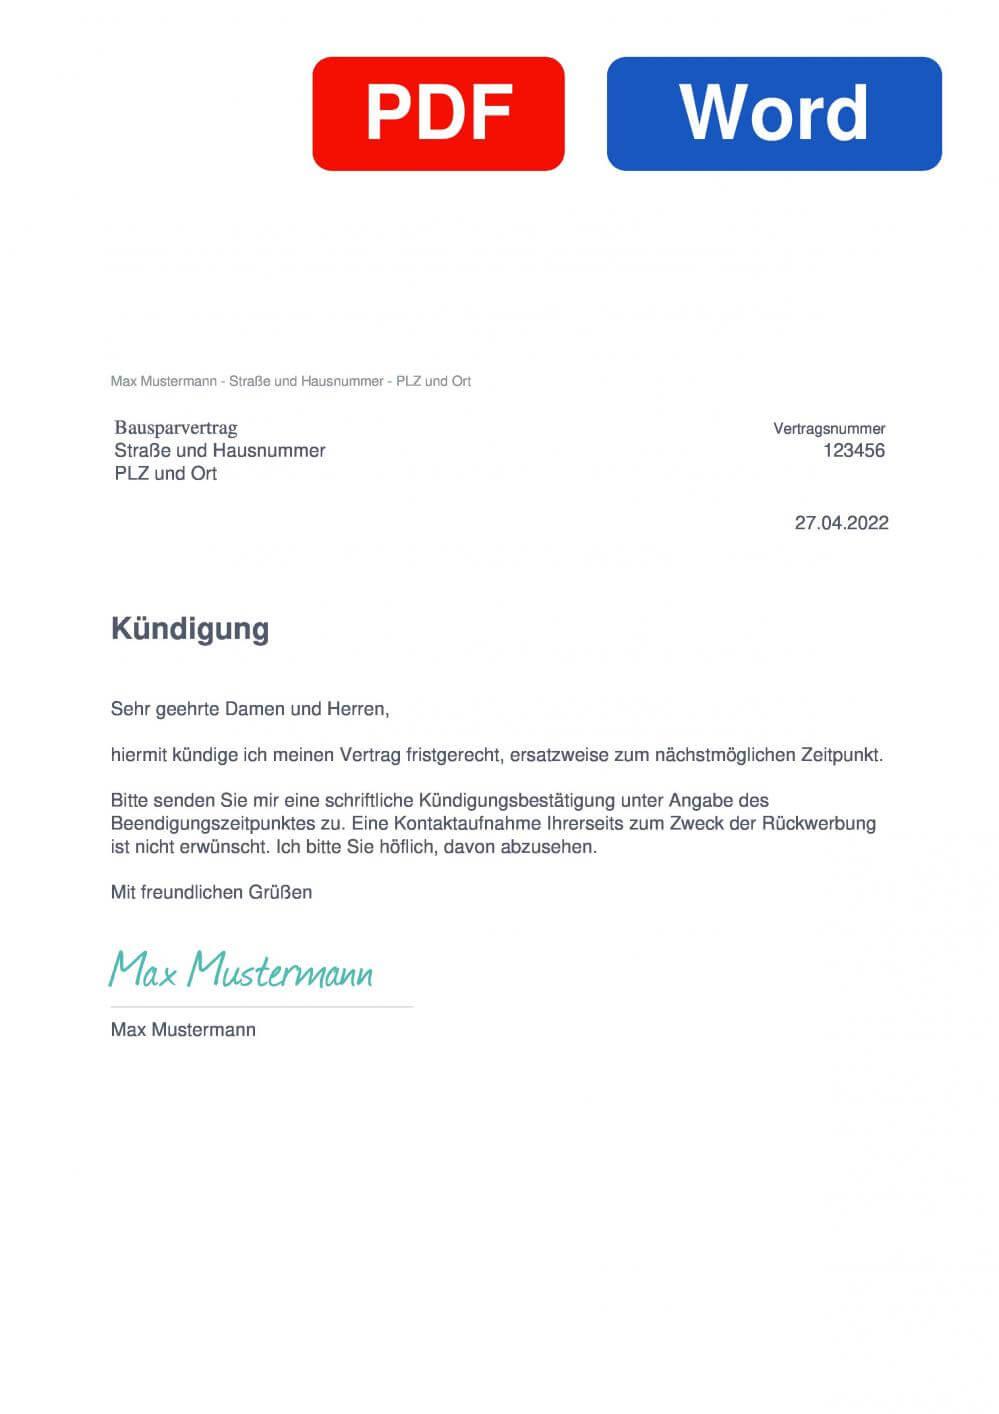 Bausparvertrag Muster Vorlage für Kündigungsschreiben